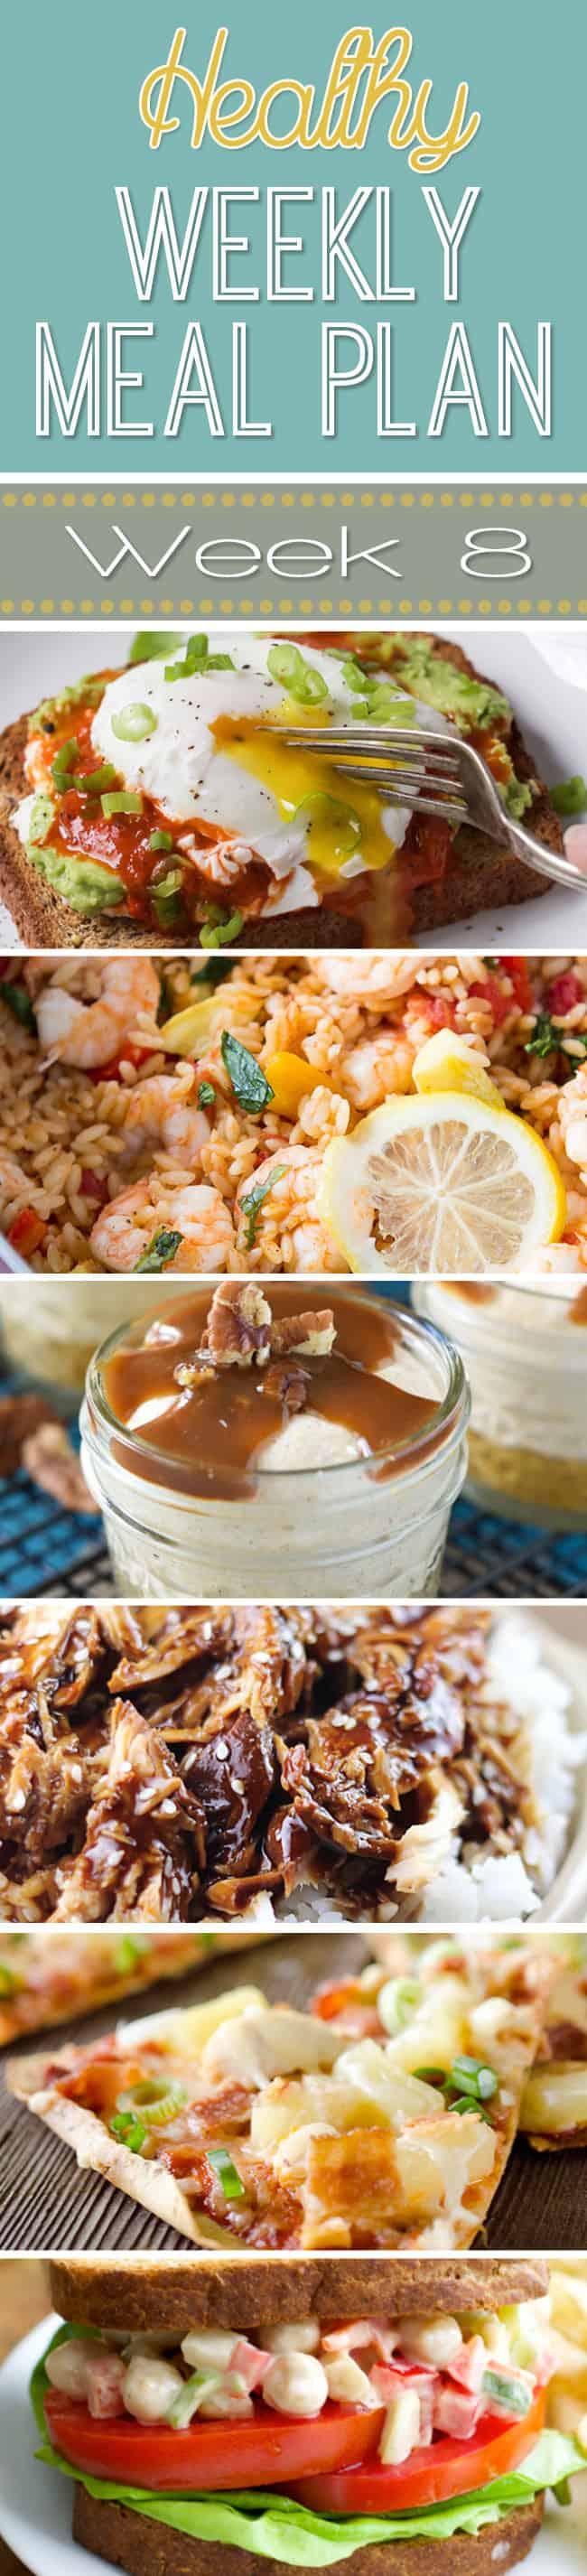 Healthy-Weekly-Meal-Plan-Week-8-Vertical-Collage